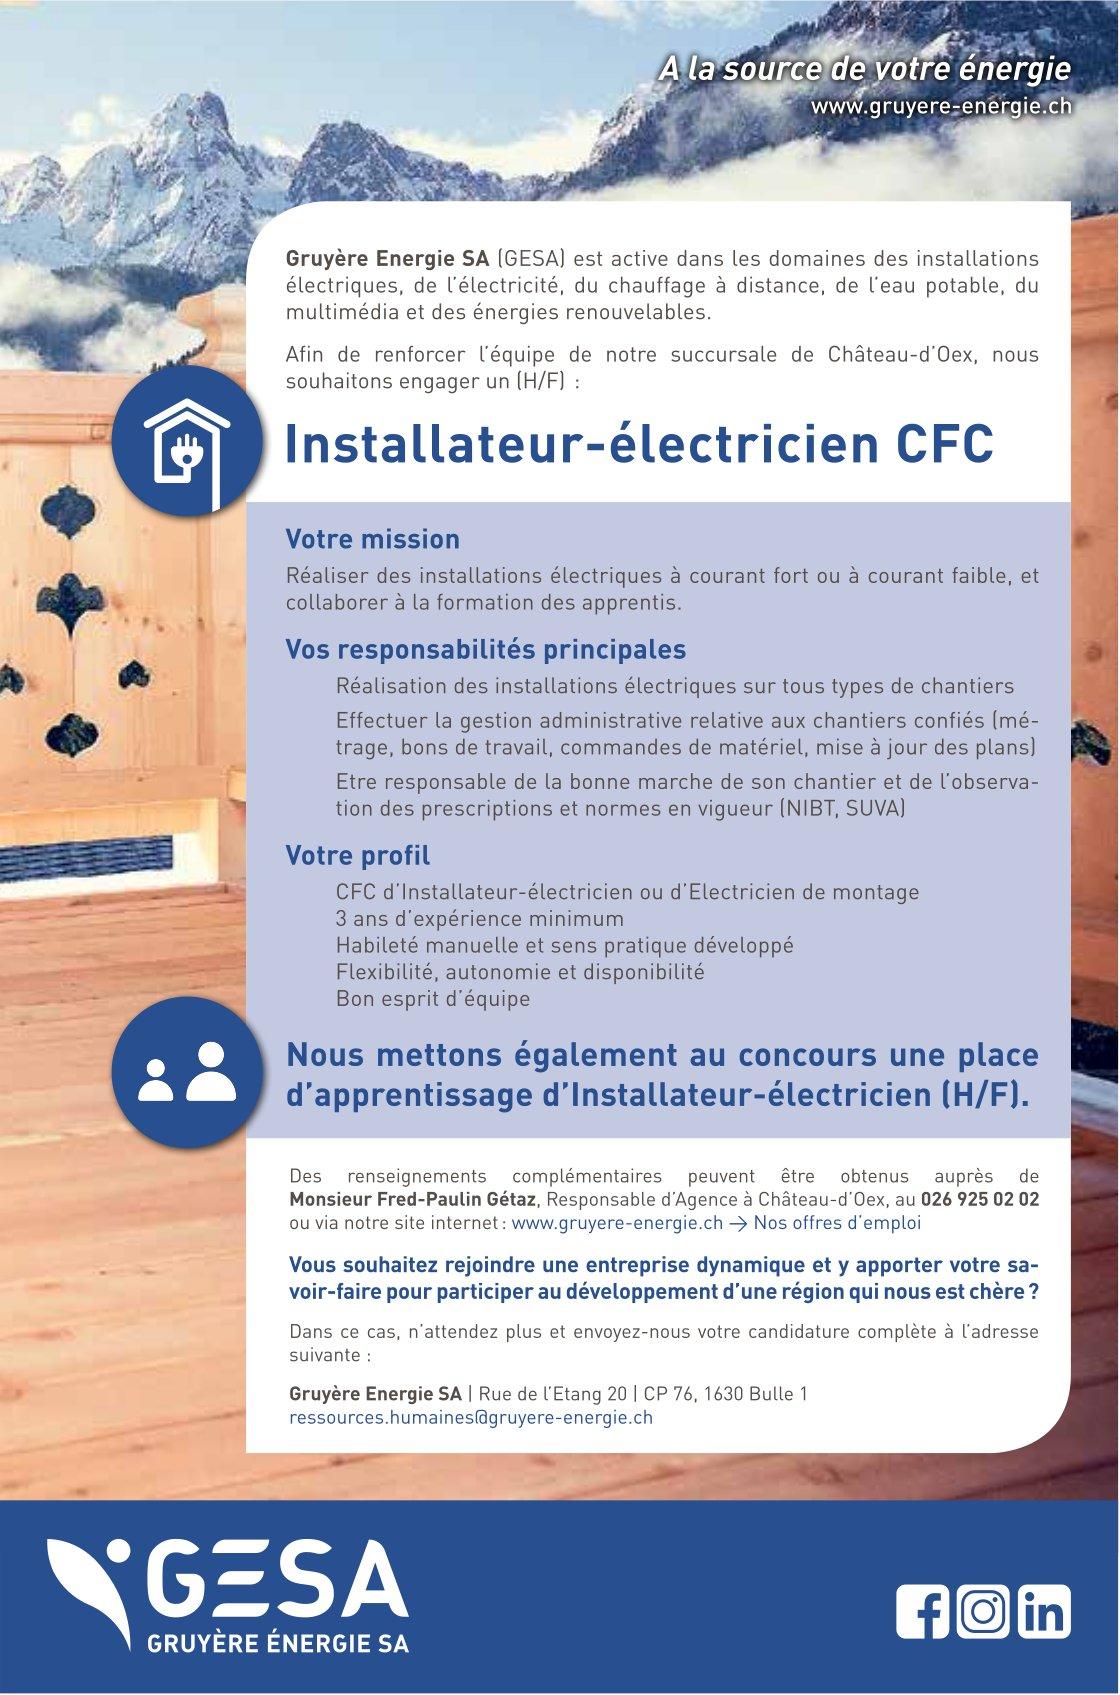 Installateur-électricien CFC, GESA, Château d'Oex, recherché/e